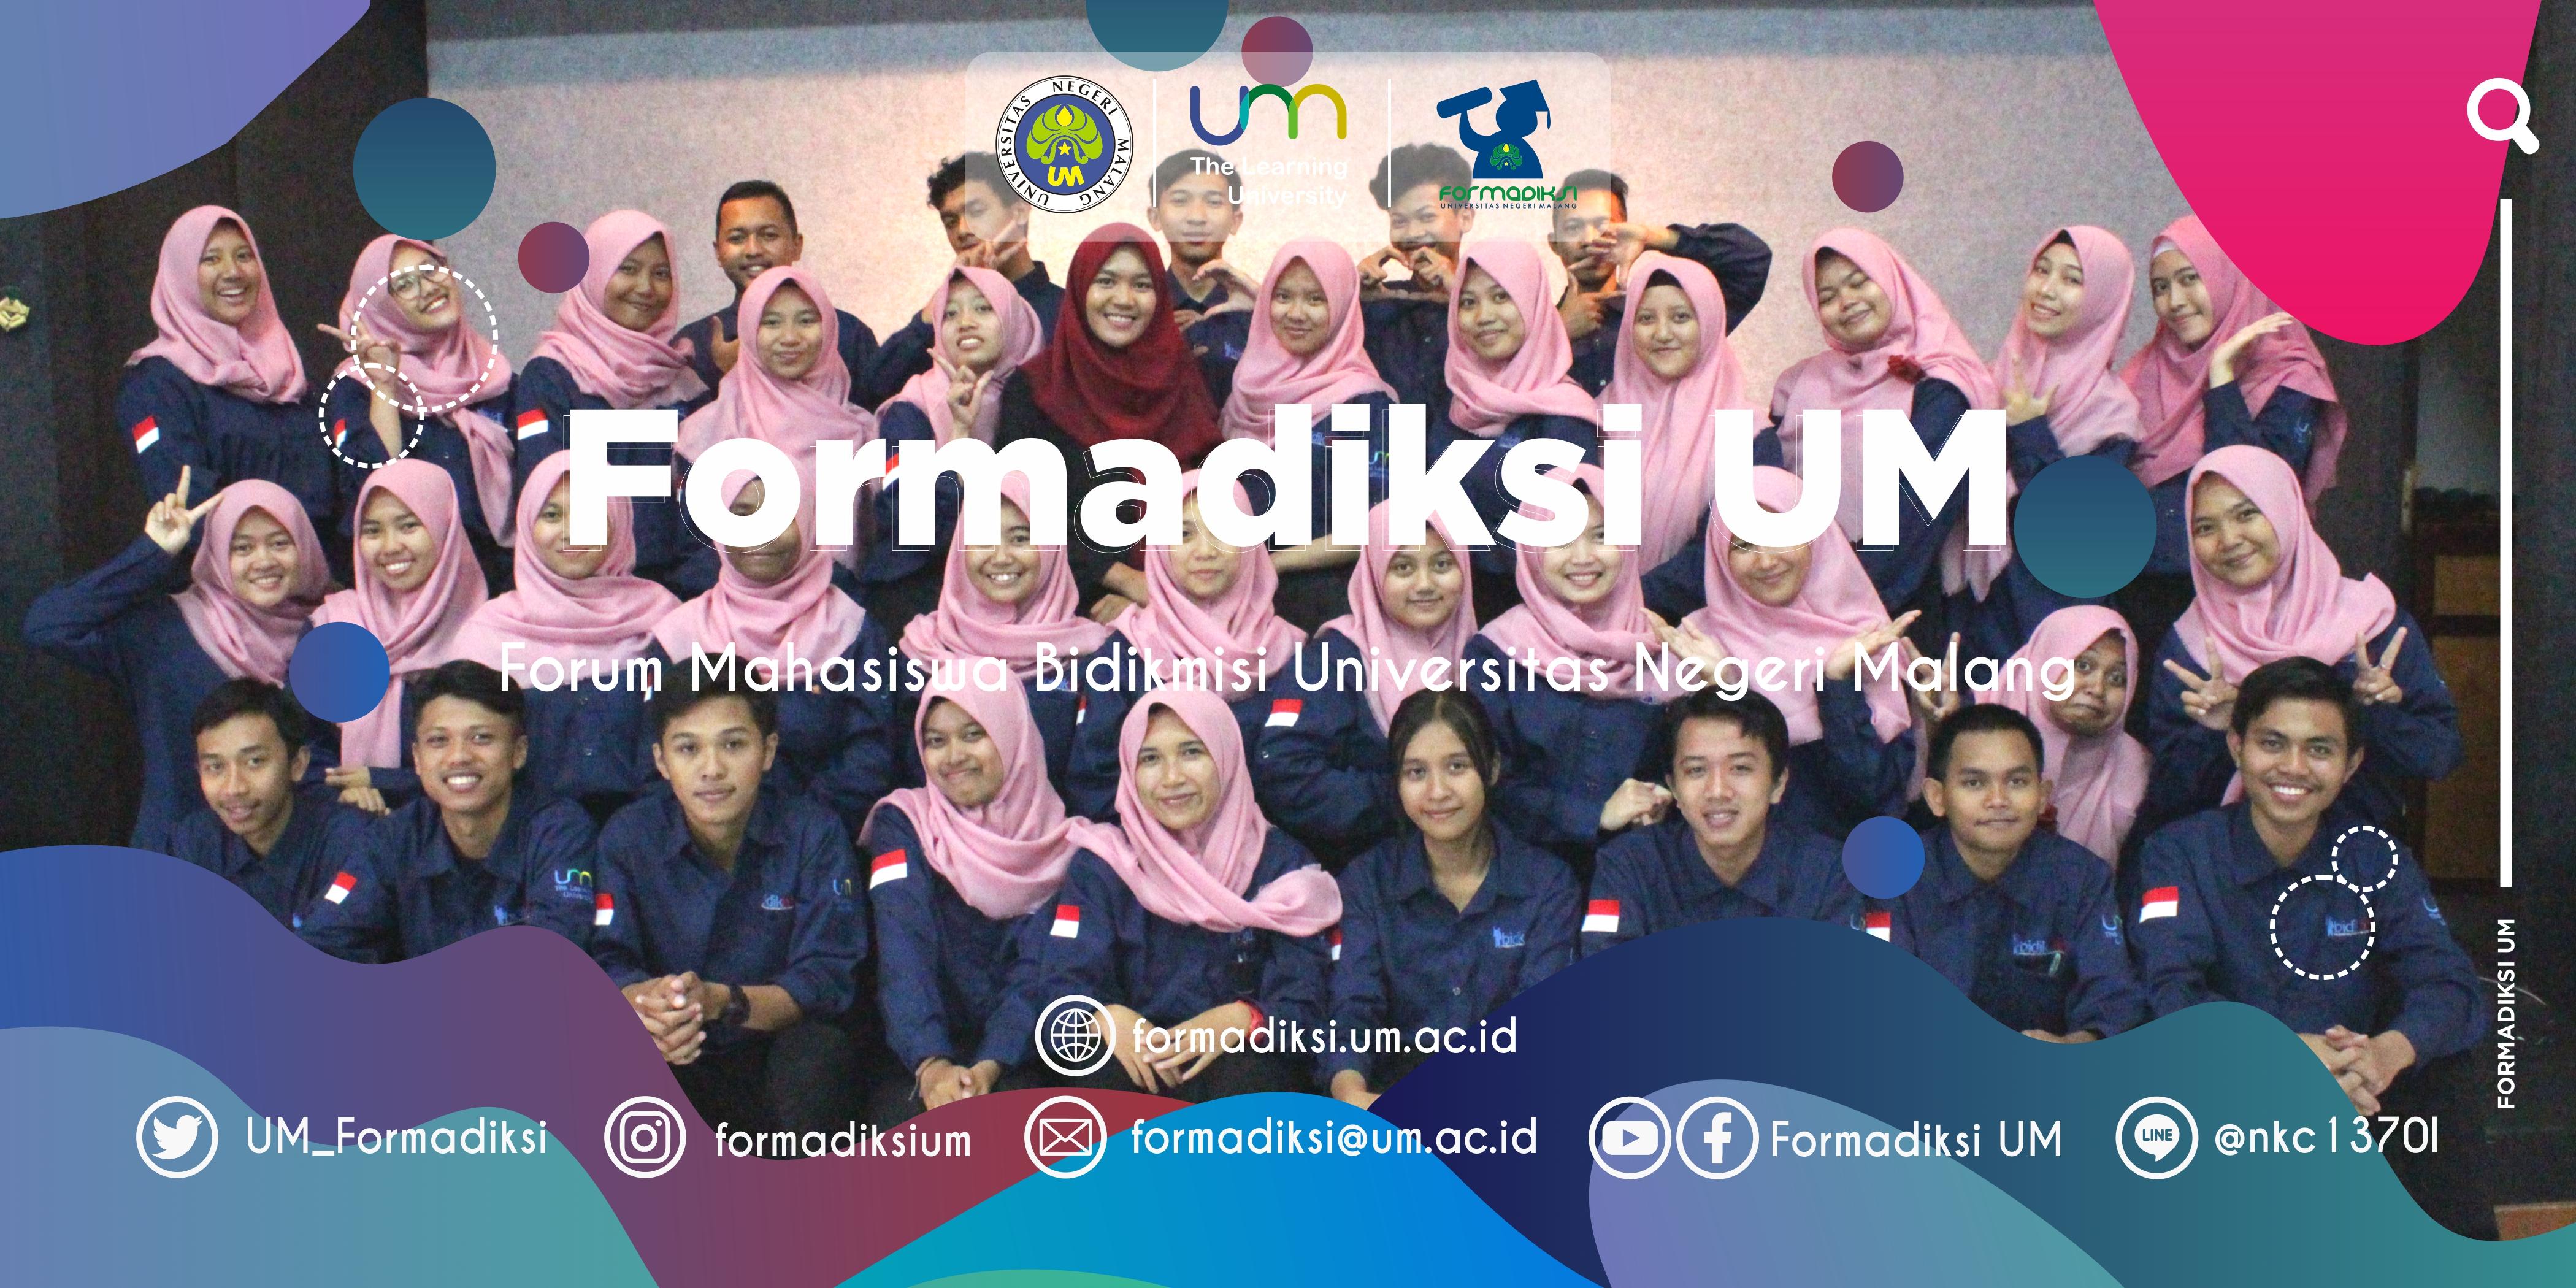 Pengurus Formadiksi UM 2019